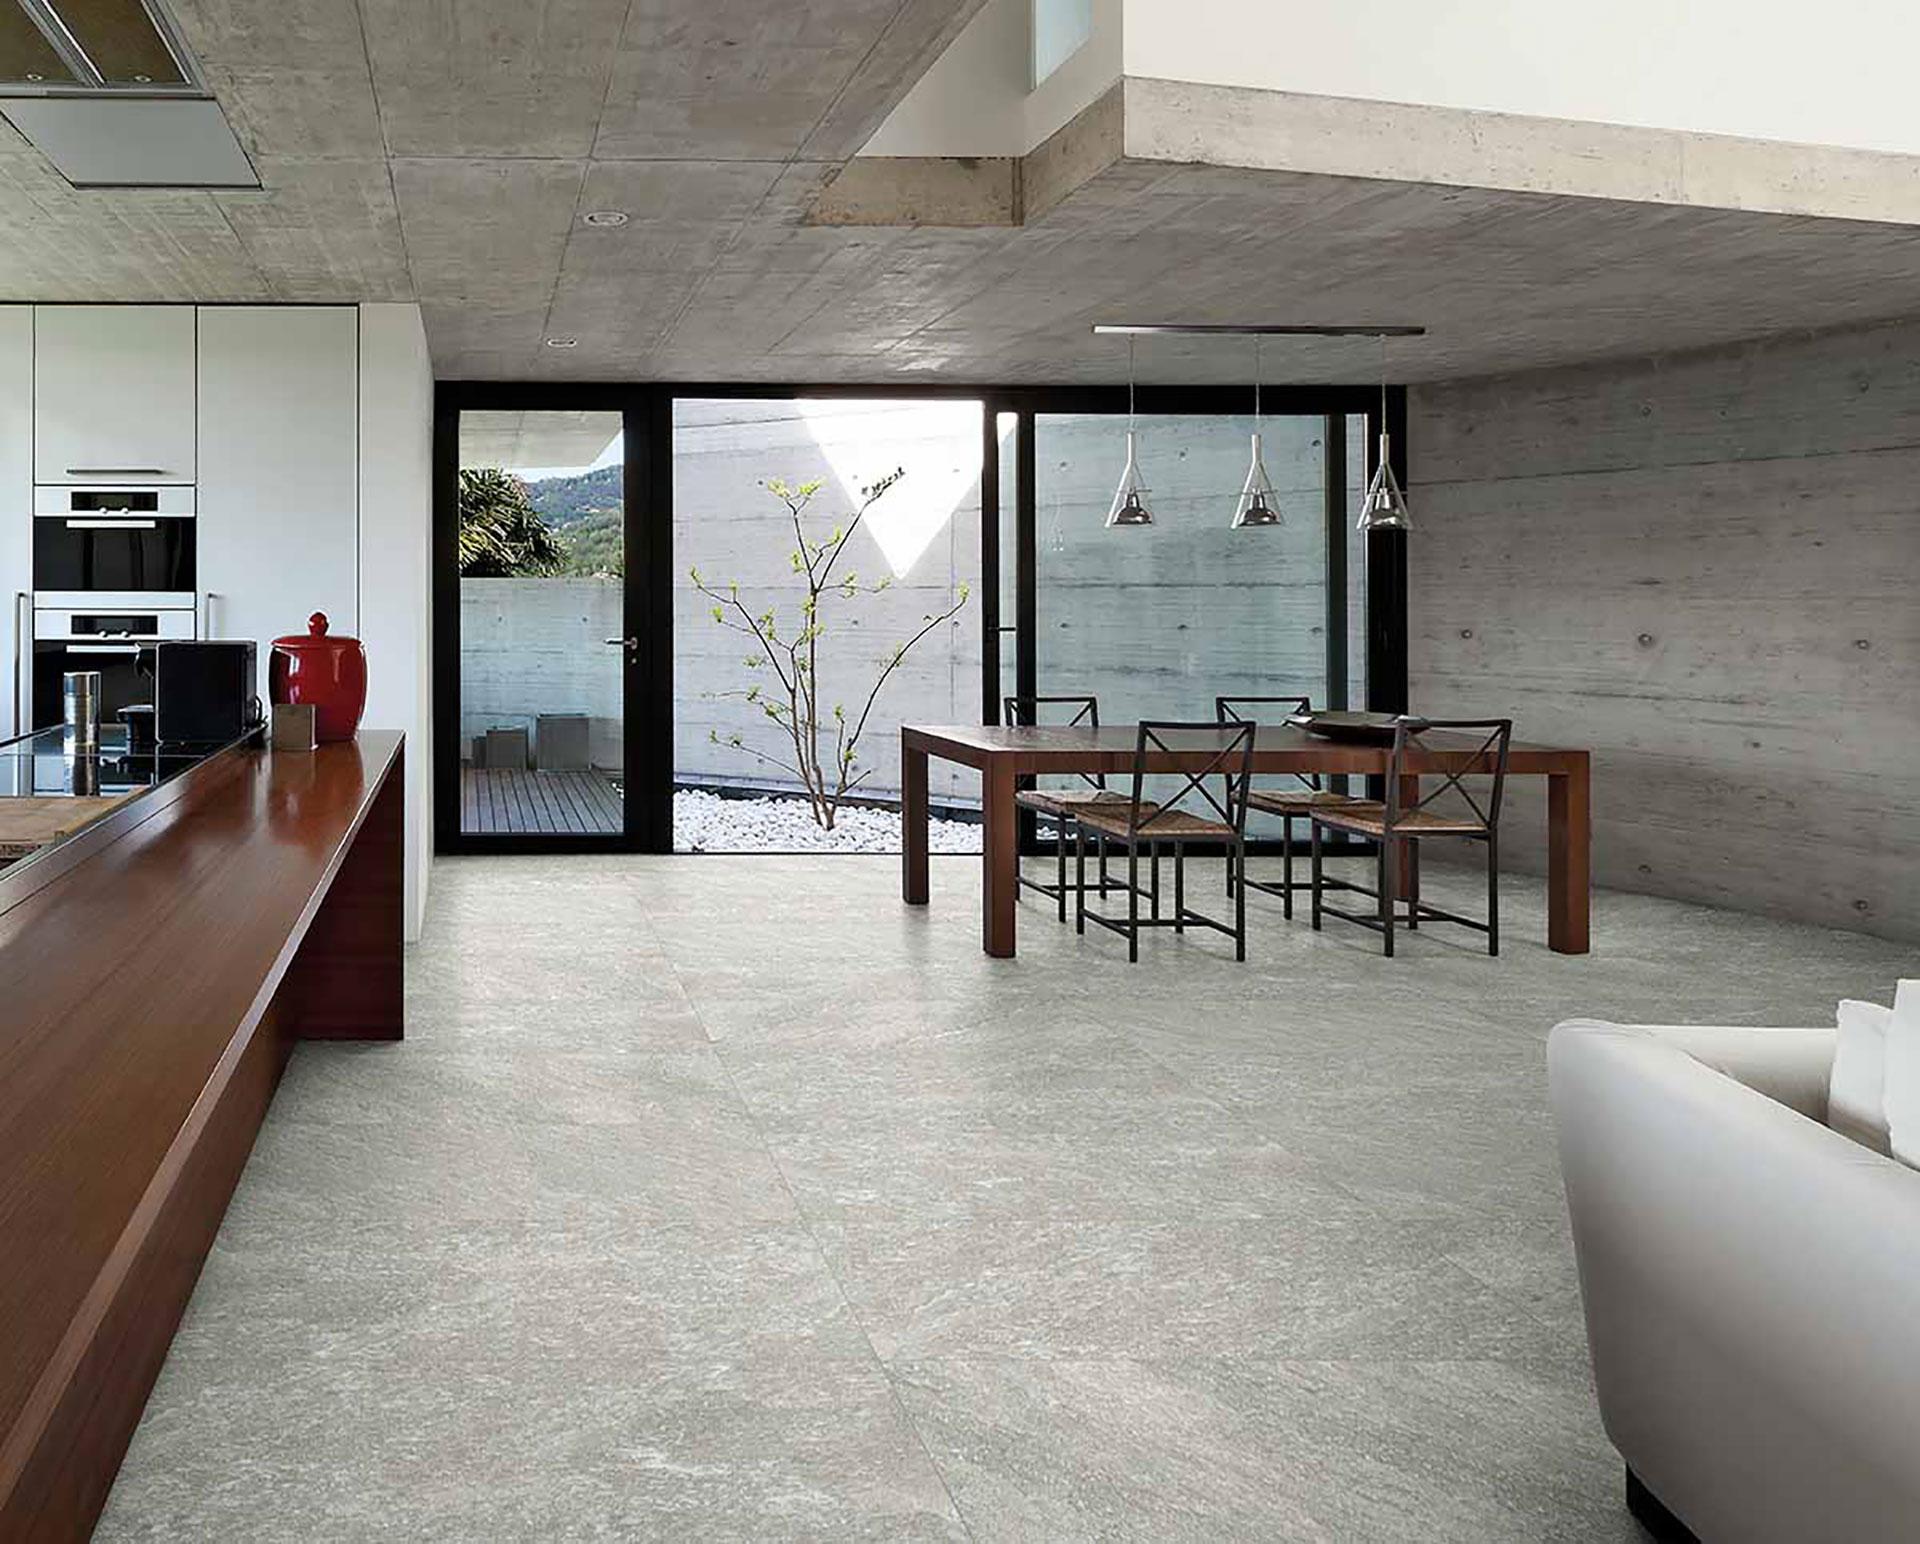 Quartz Stone Contemporary Design For Indoor And Outdoor Flooring